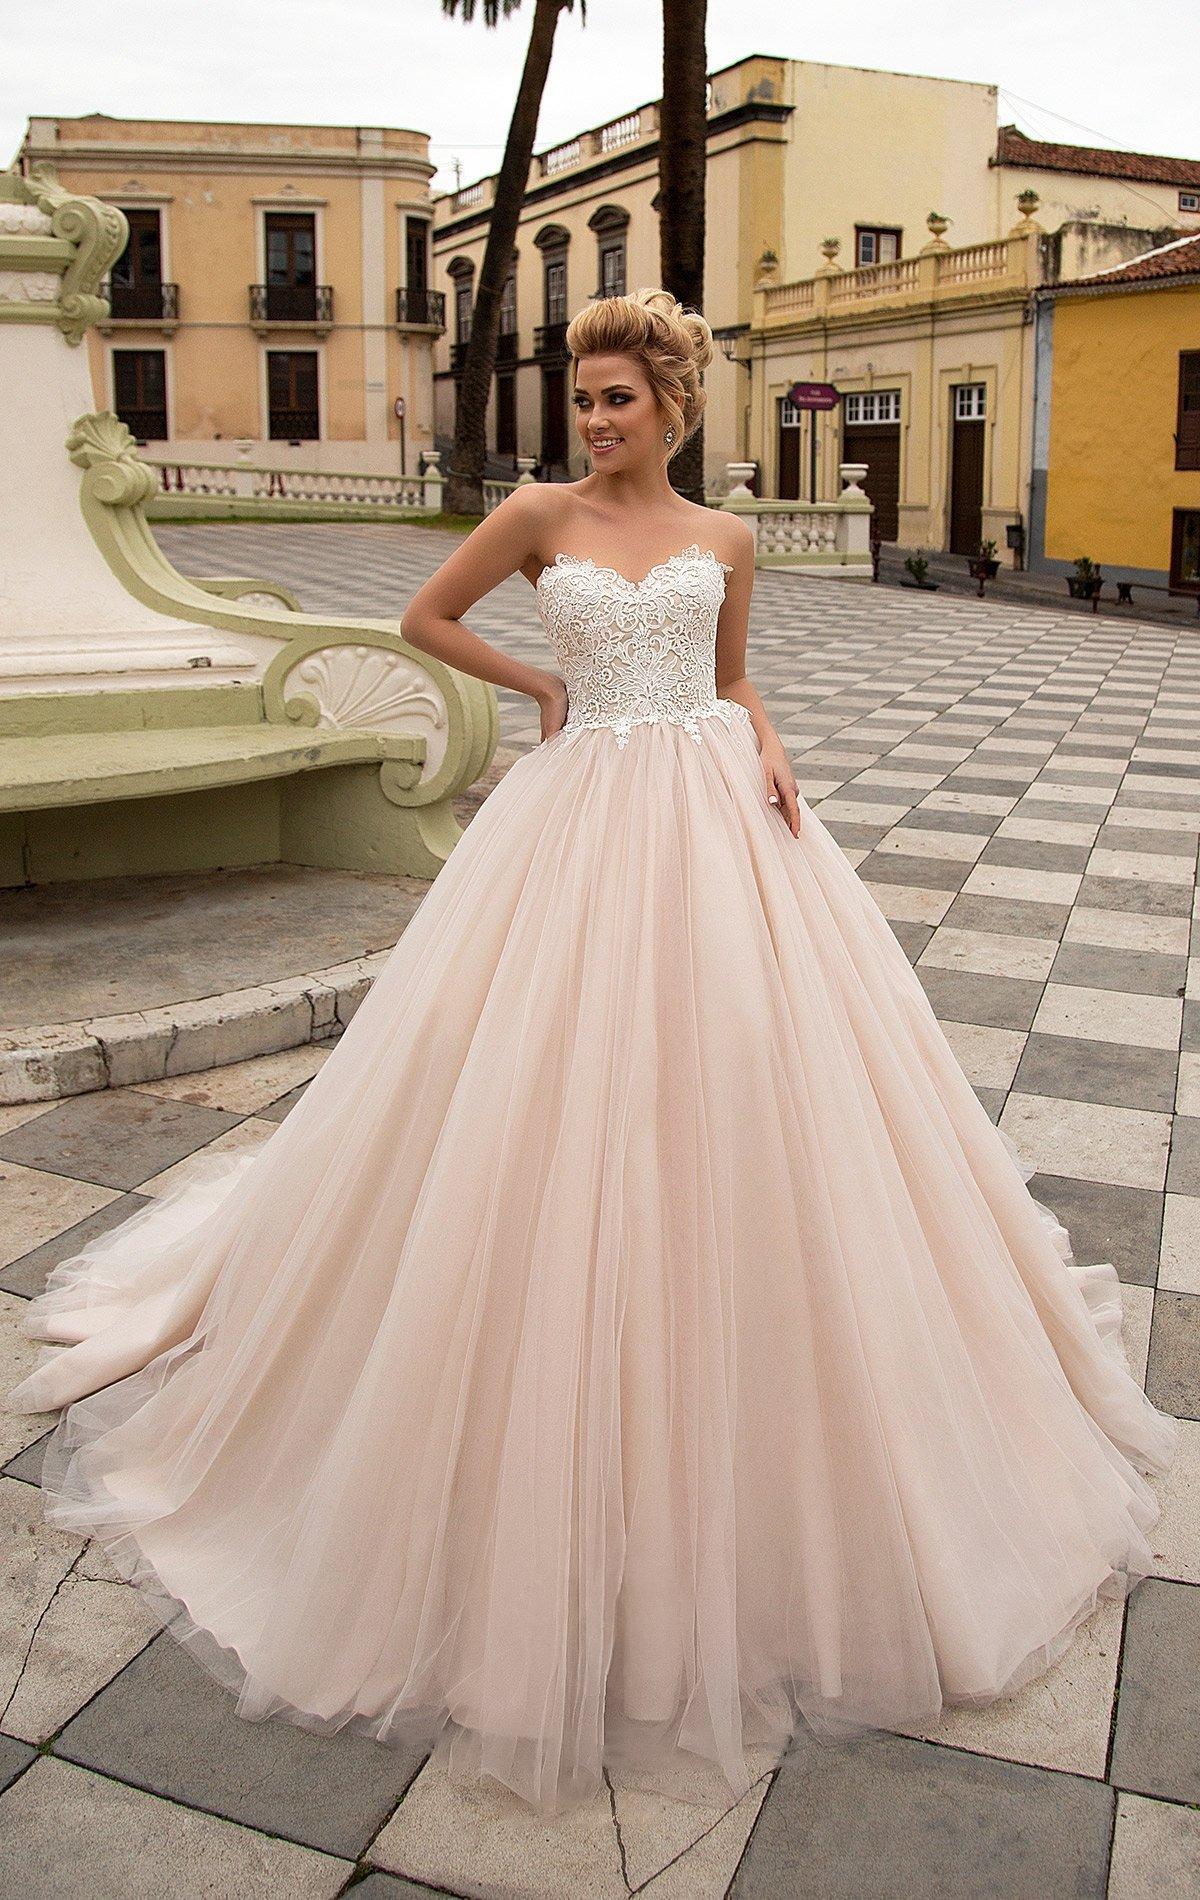 Пудровое свадебное платье с роскошной многослойной юбкой и открытым корсетом с кружевом